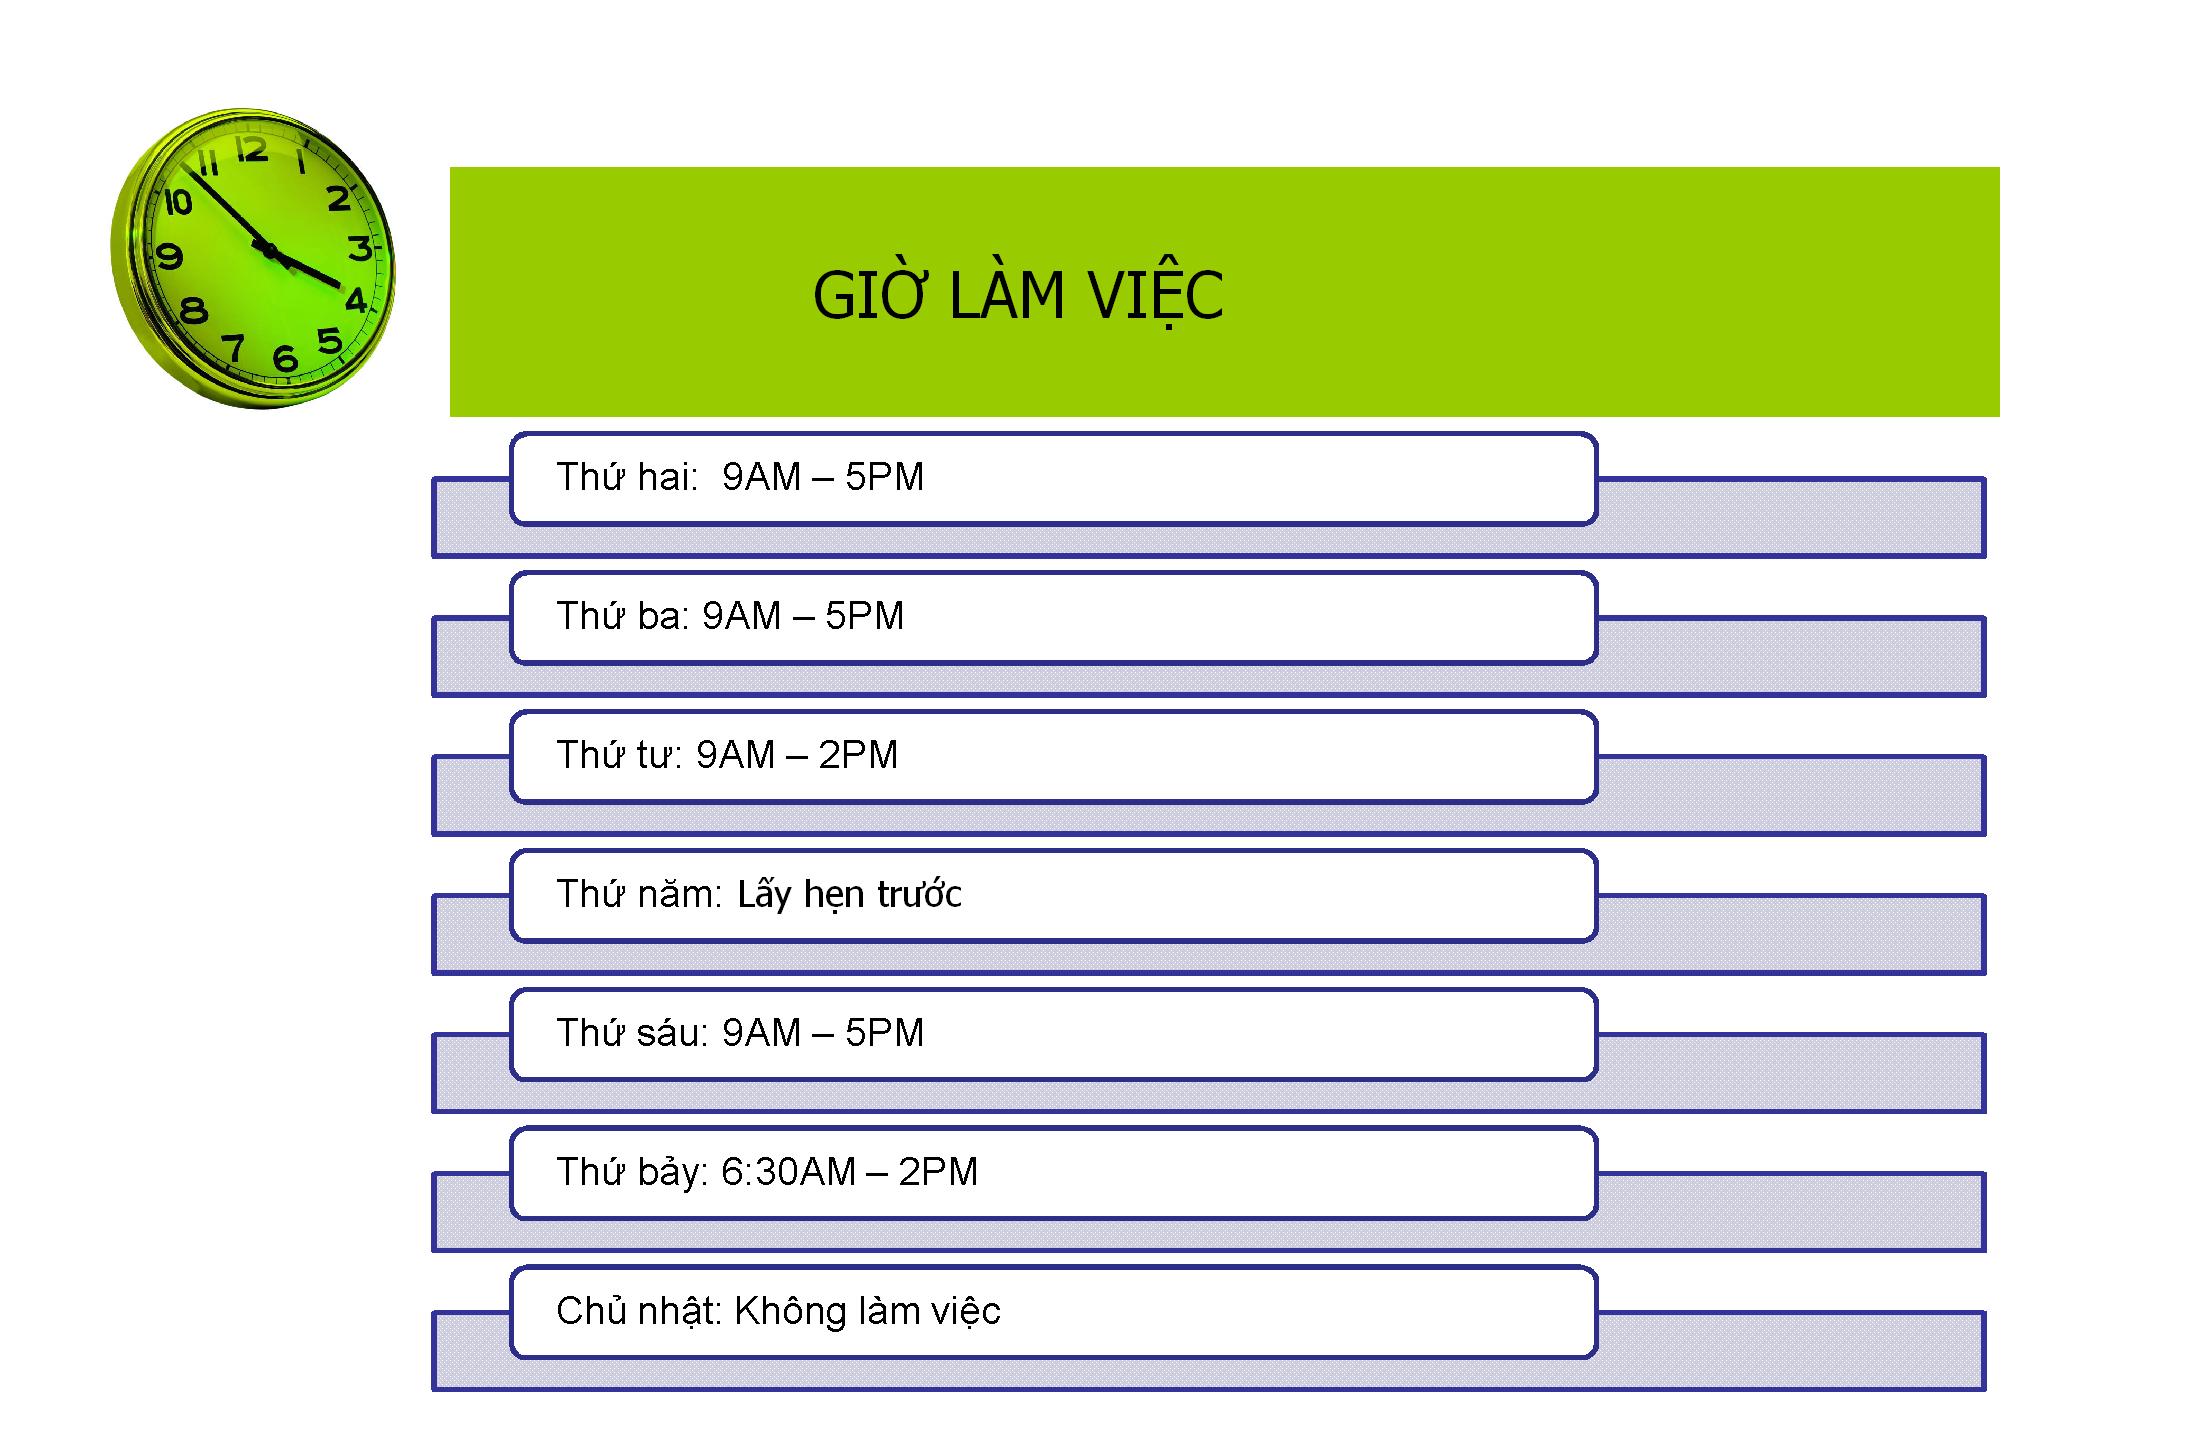 Gio Lam Viec